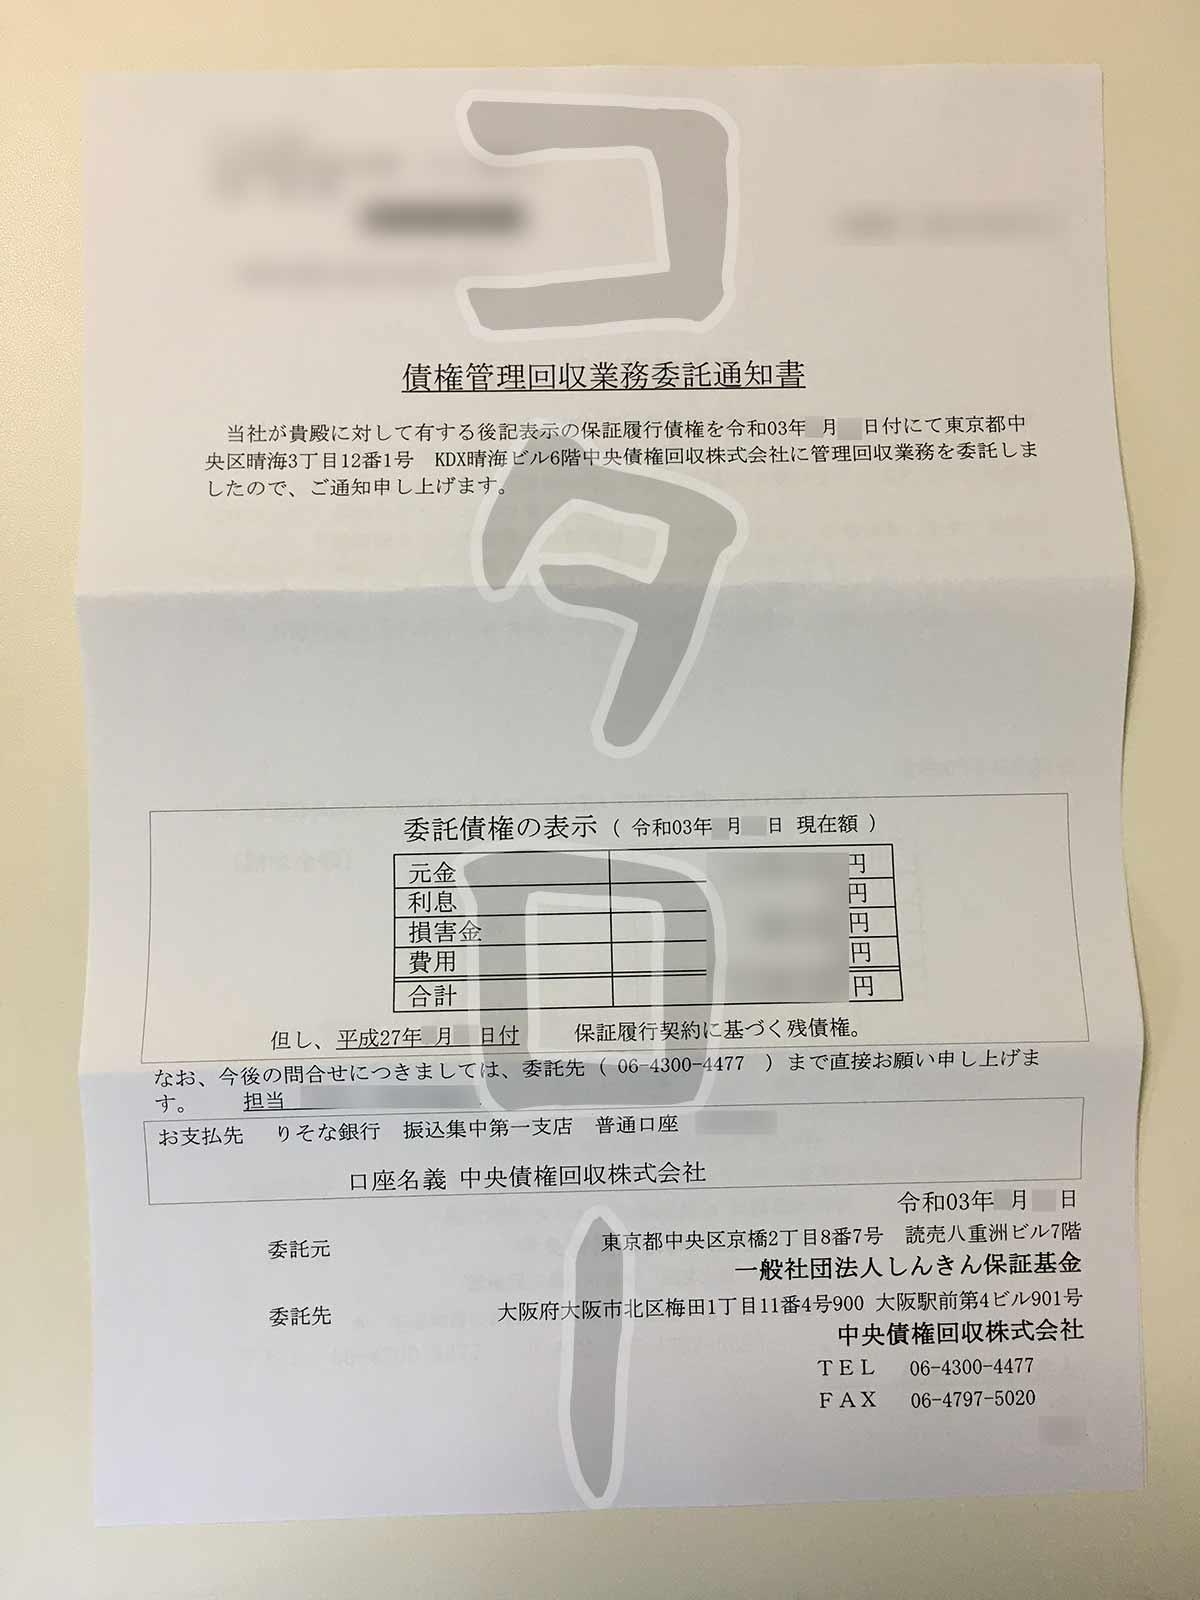 債権管理回収業務委託通知書-min